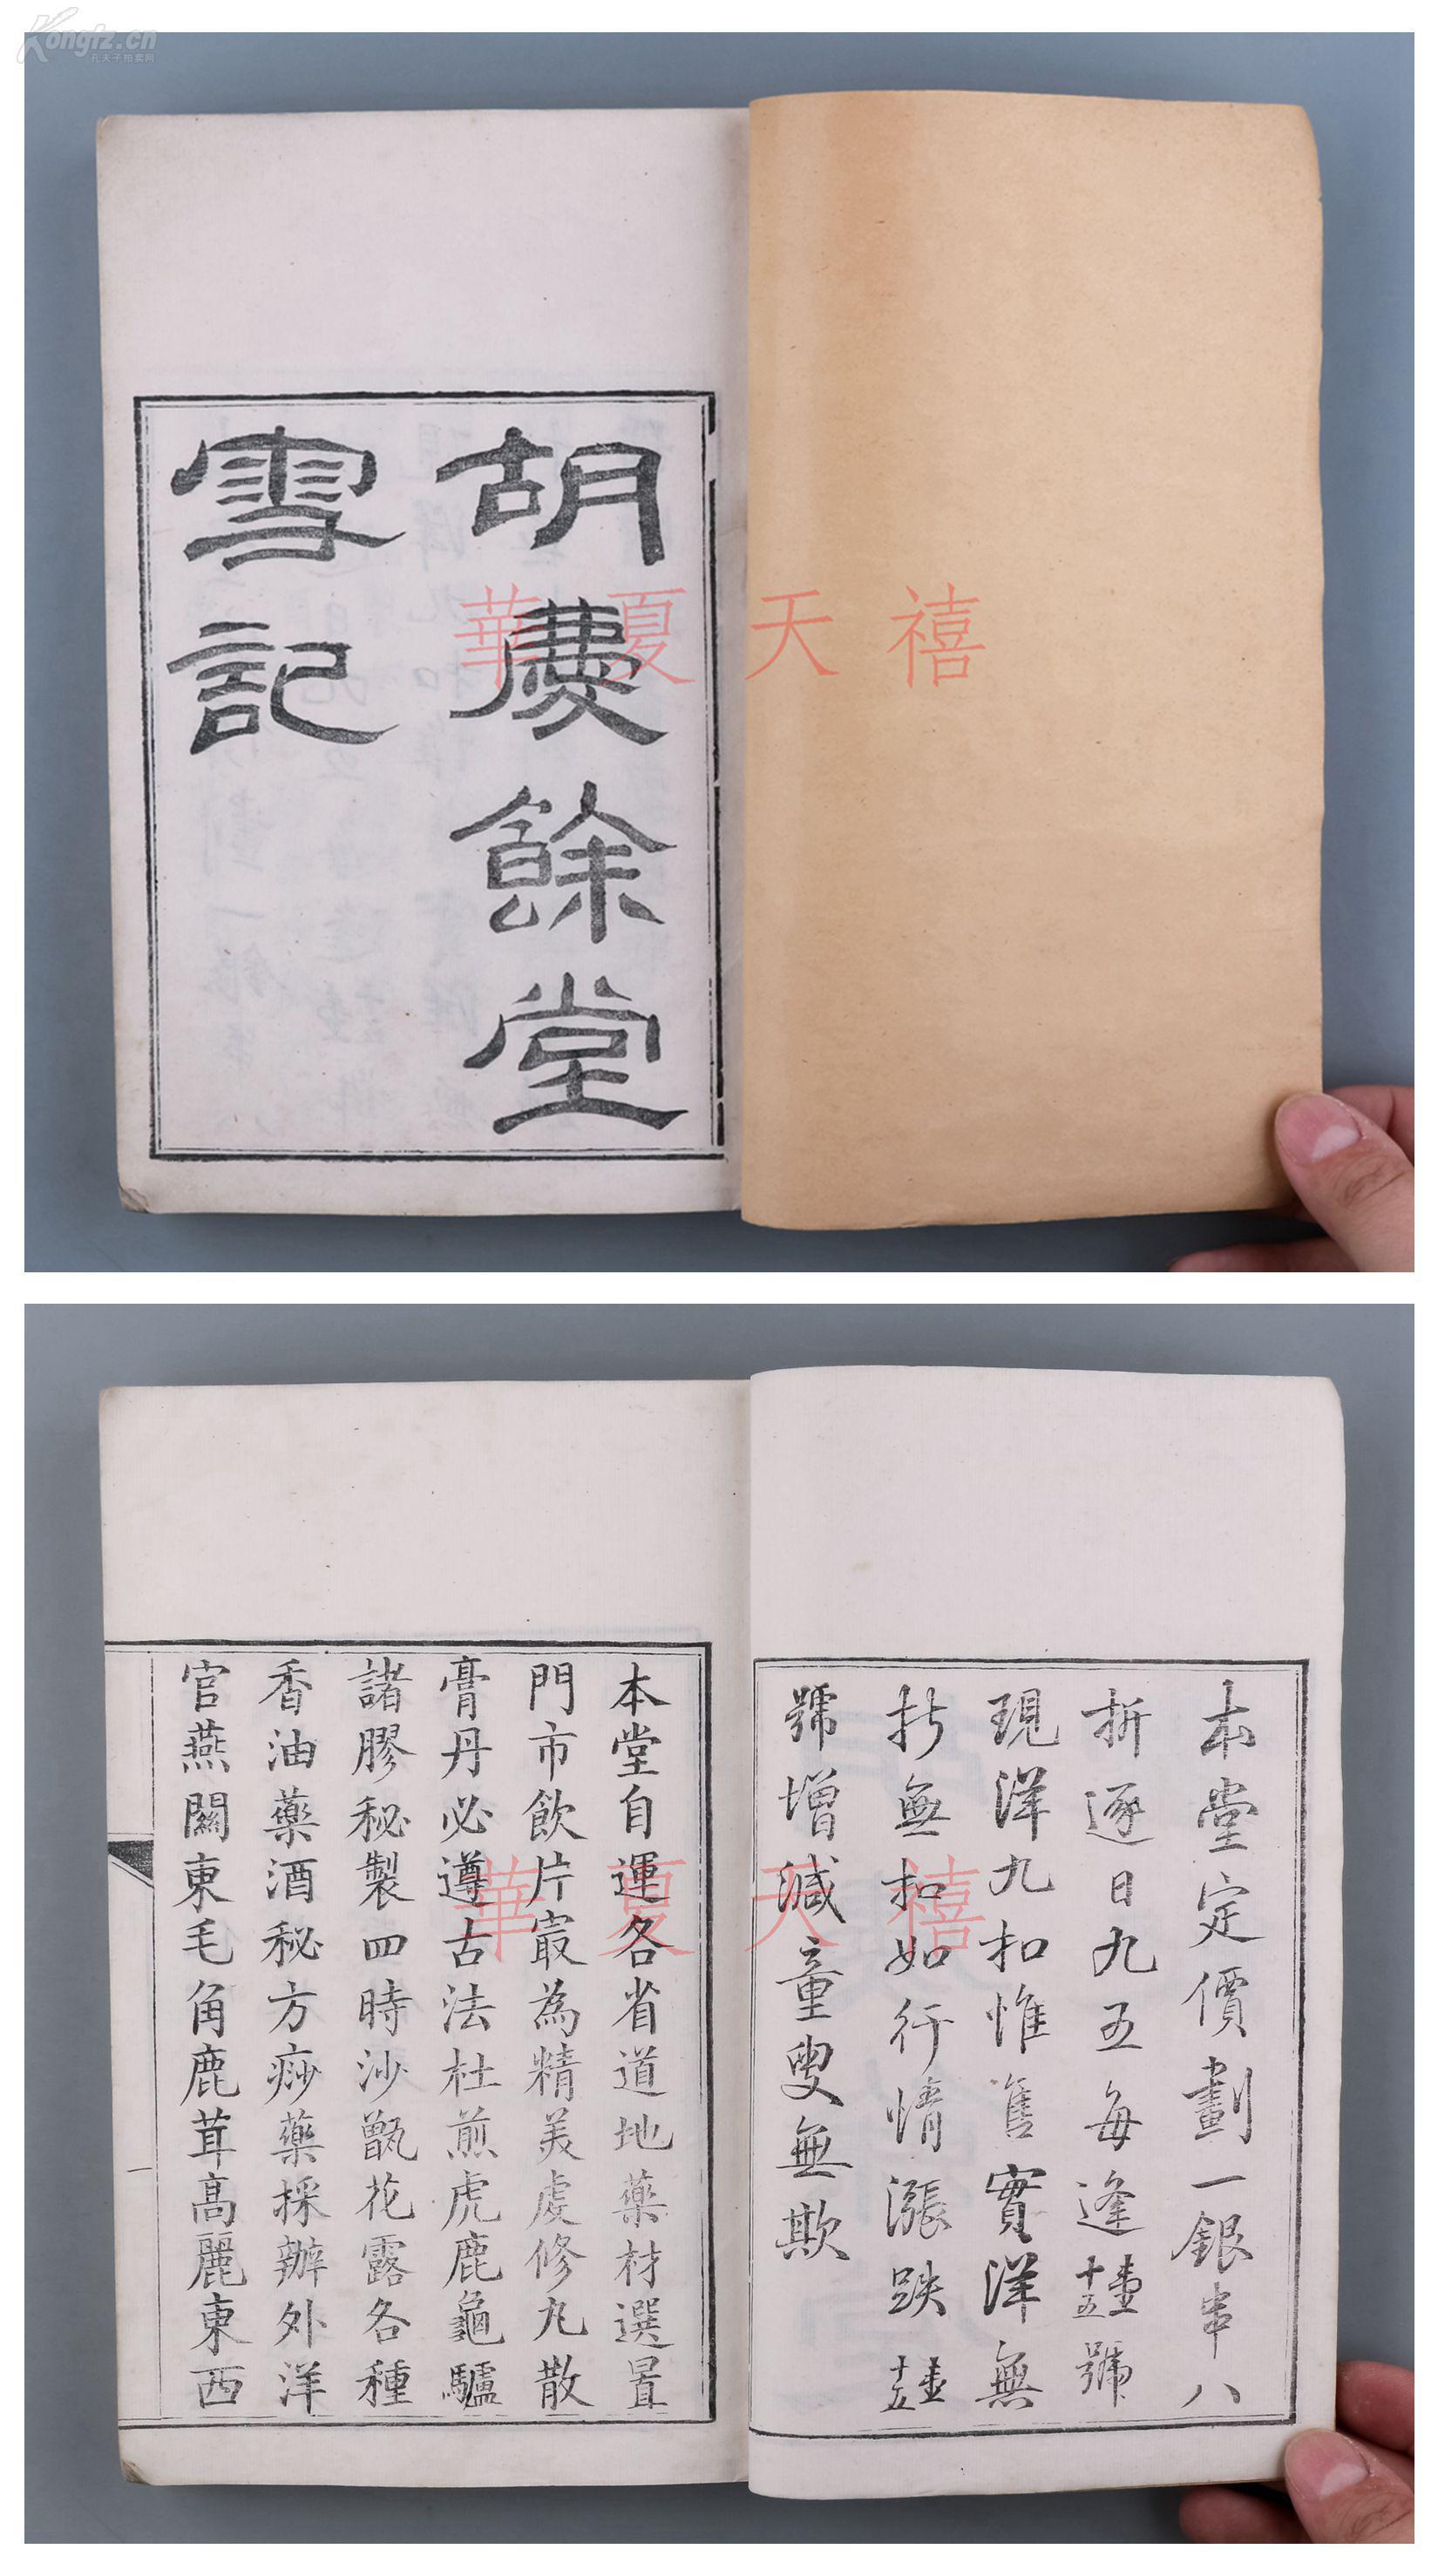 【图】光绪三年(1877)《浙杭胡庆余堂雪记丸散